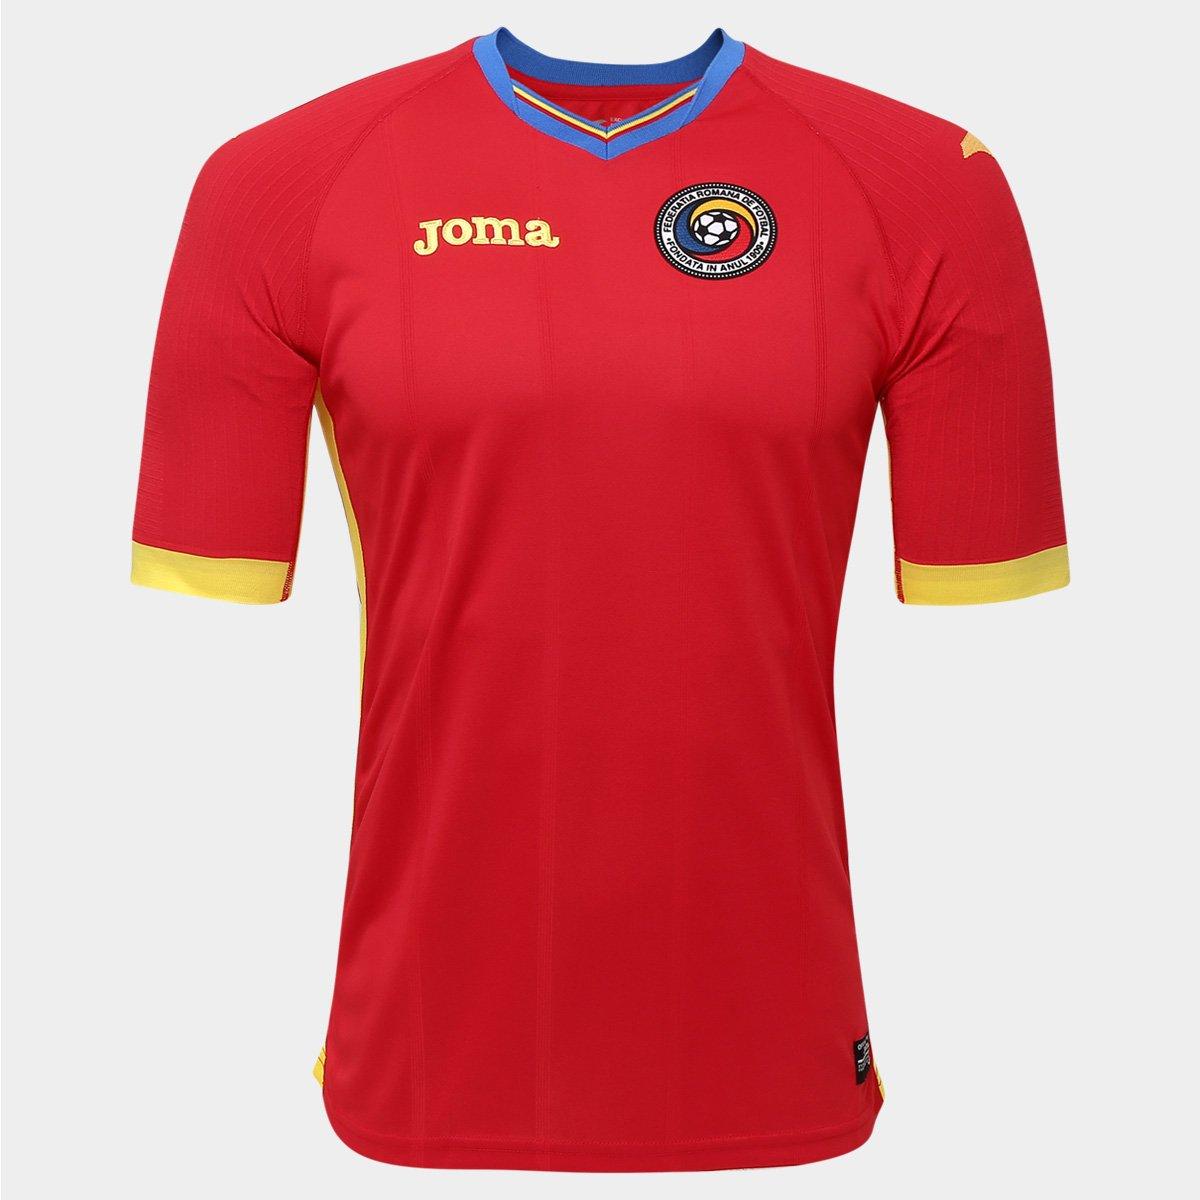 Camisa Romênia Away 15 16 s nº - Torcedor Joma Masculina - Compre Agora  0874af573d51f